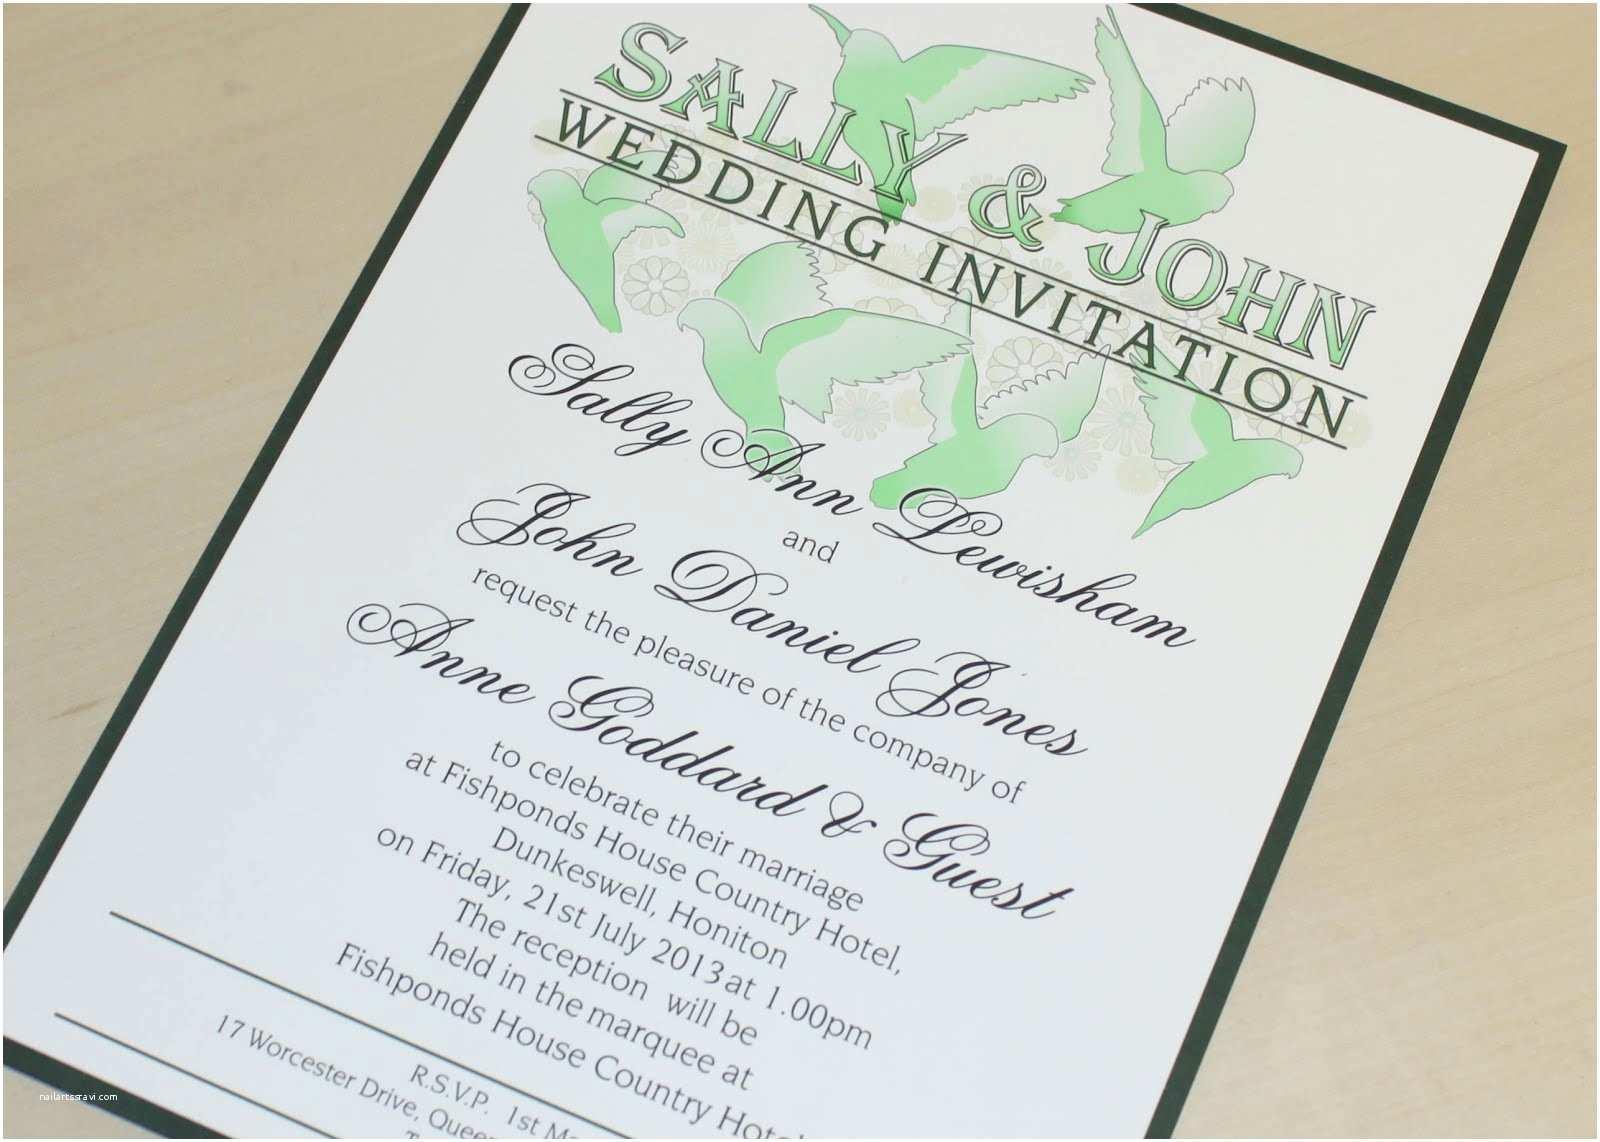 Bride and Groom Wedding Invitations Unique Wedding Invitation Wording Bride and Groom Inviting